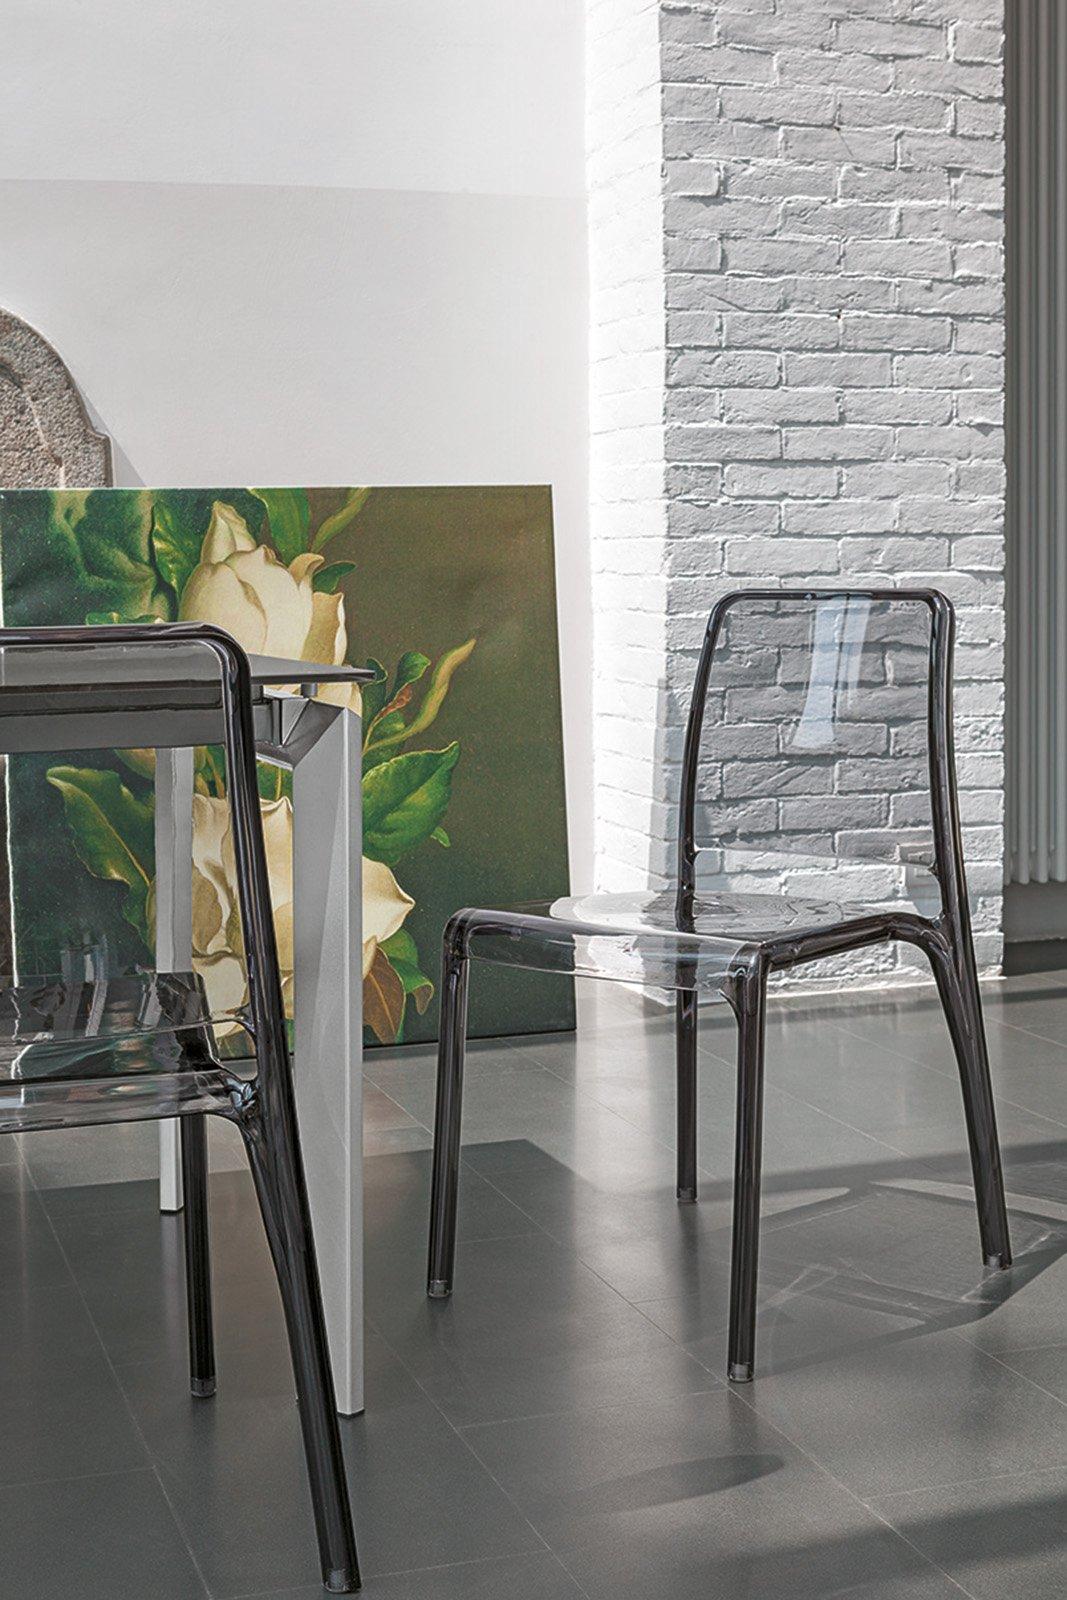 Impilabile Adatta A Cucina E Soggiorno E Disponibile In Quattro Colori #827249 1067 1600 Tavoli E Sedie Bar Mercatone Uno